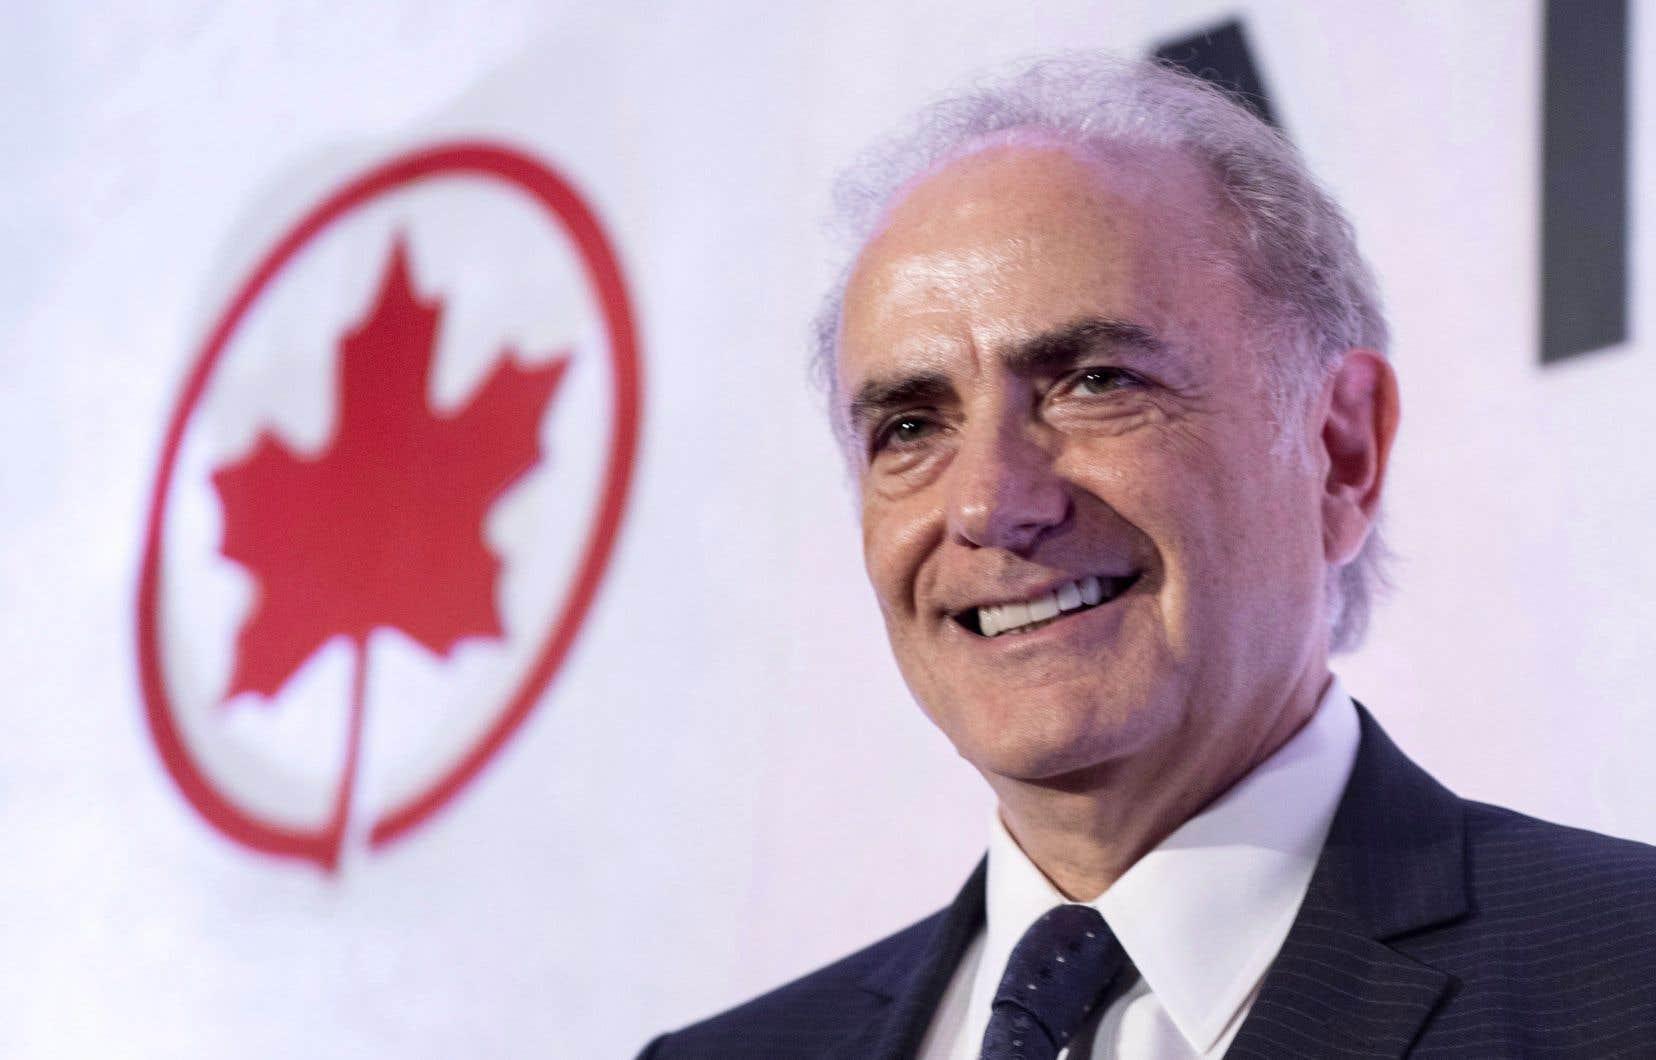 Calin Rovinescu, 65ans, était à la tête d'Air Canada depuis avril 2009.